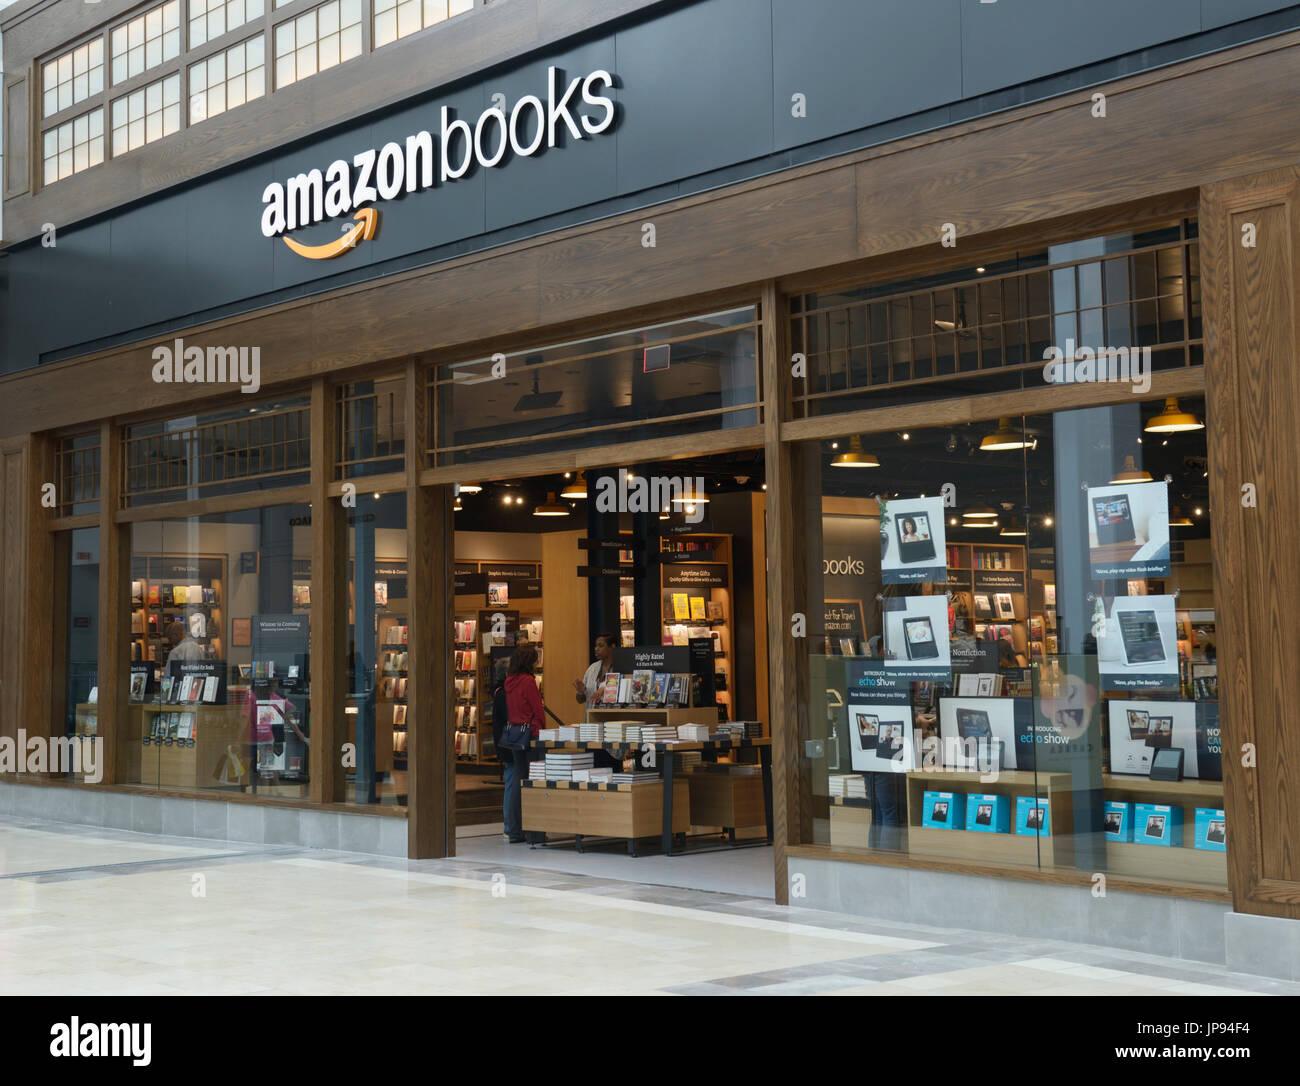 Tienda Amazonbooks exterior en un mall, en el norte de NJ Imagen De Stock